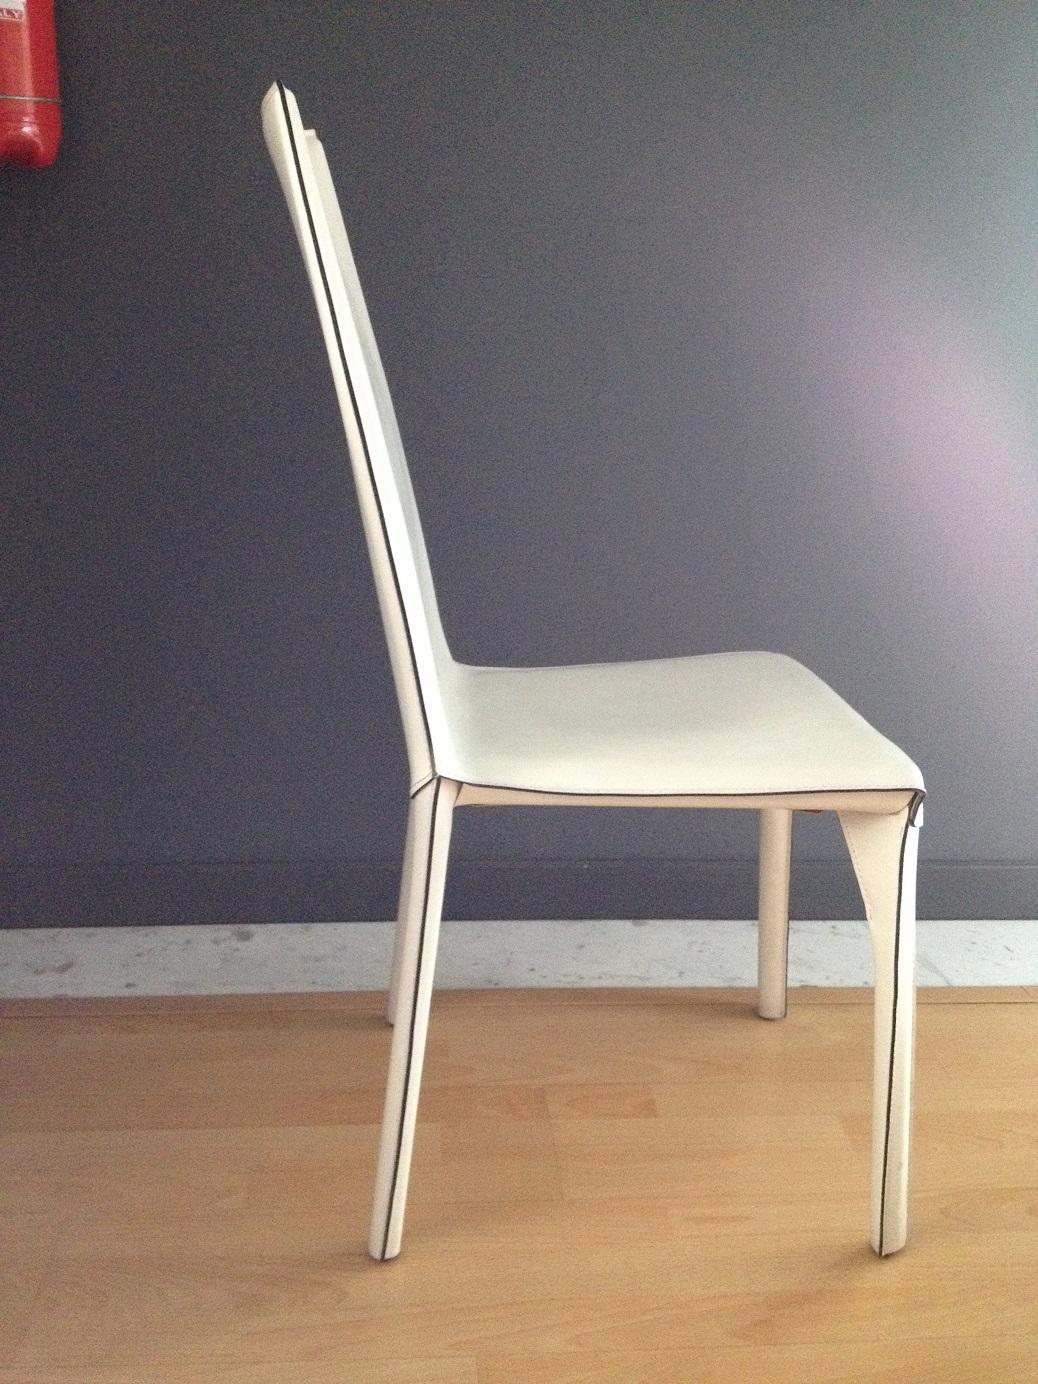 sedie moderne ozzio scontate del 50 sedie a prezzi scontati